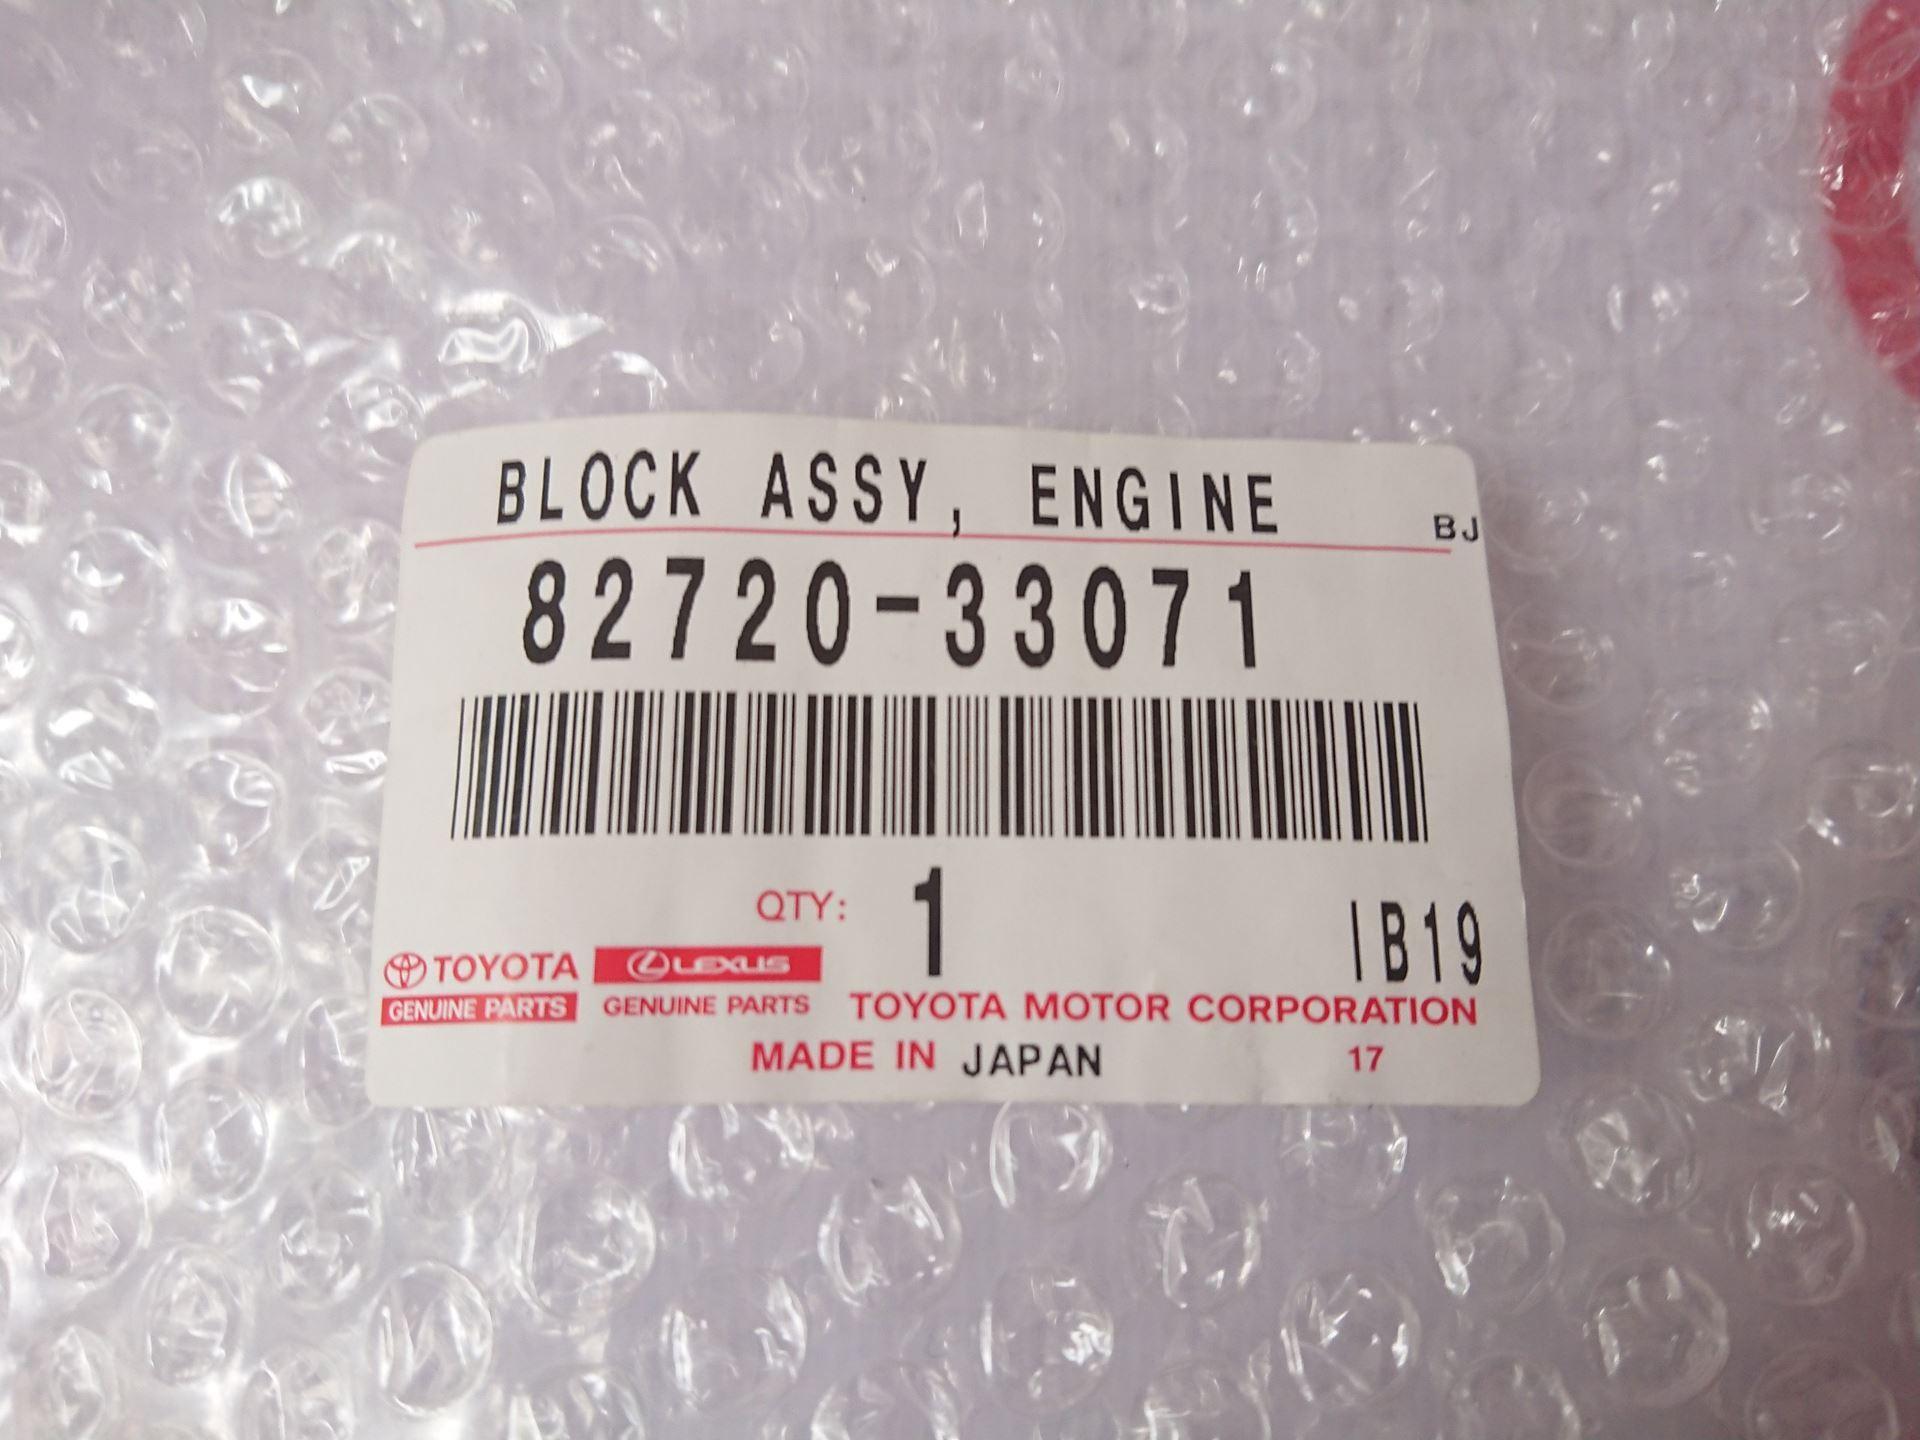 Picture of 82720-33071 Hộp cầu chì Camry hàng chính hãng